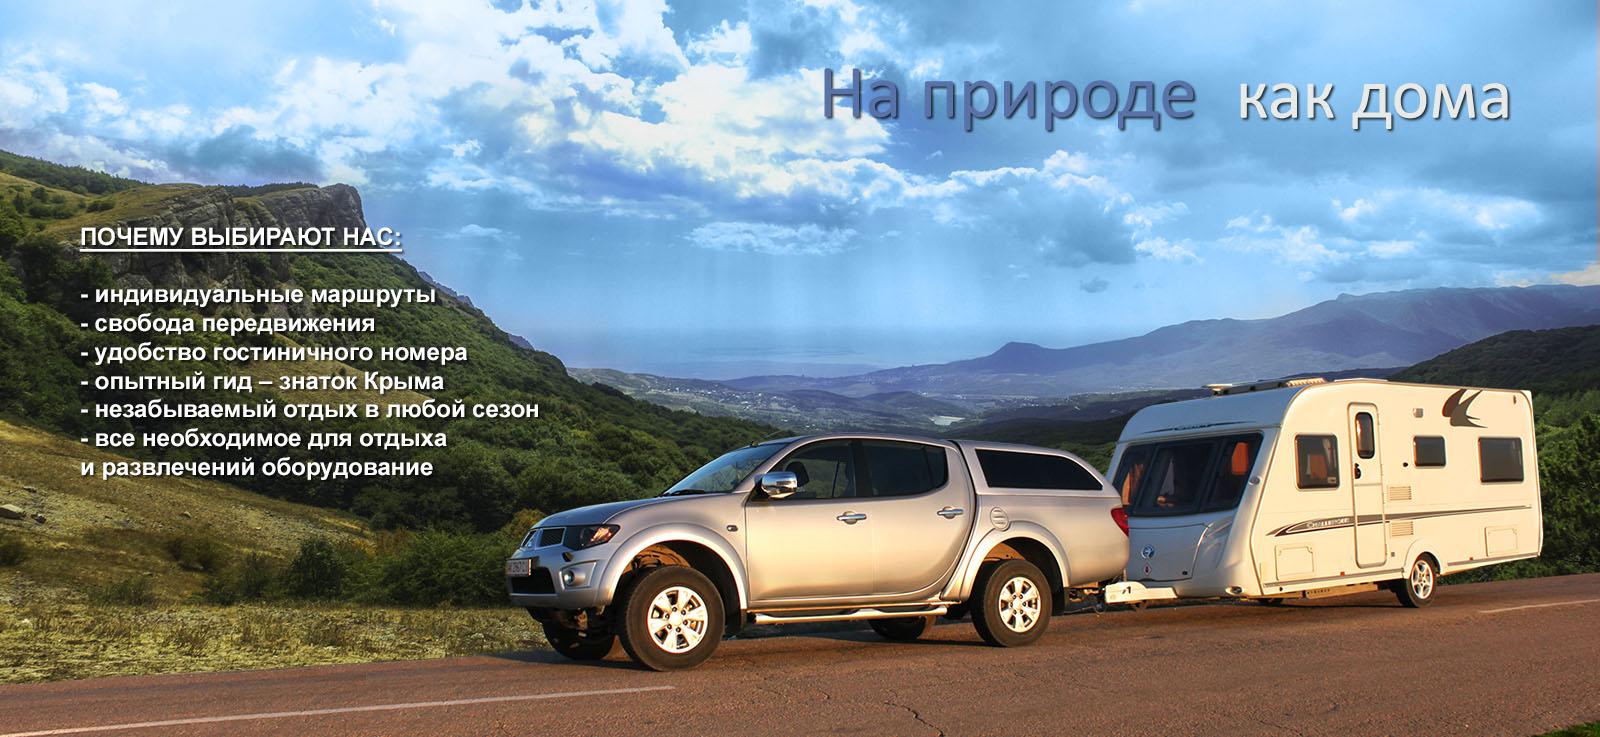 Кемперные эко-туры по Крыму